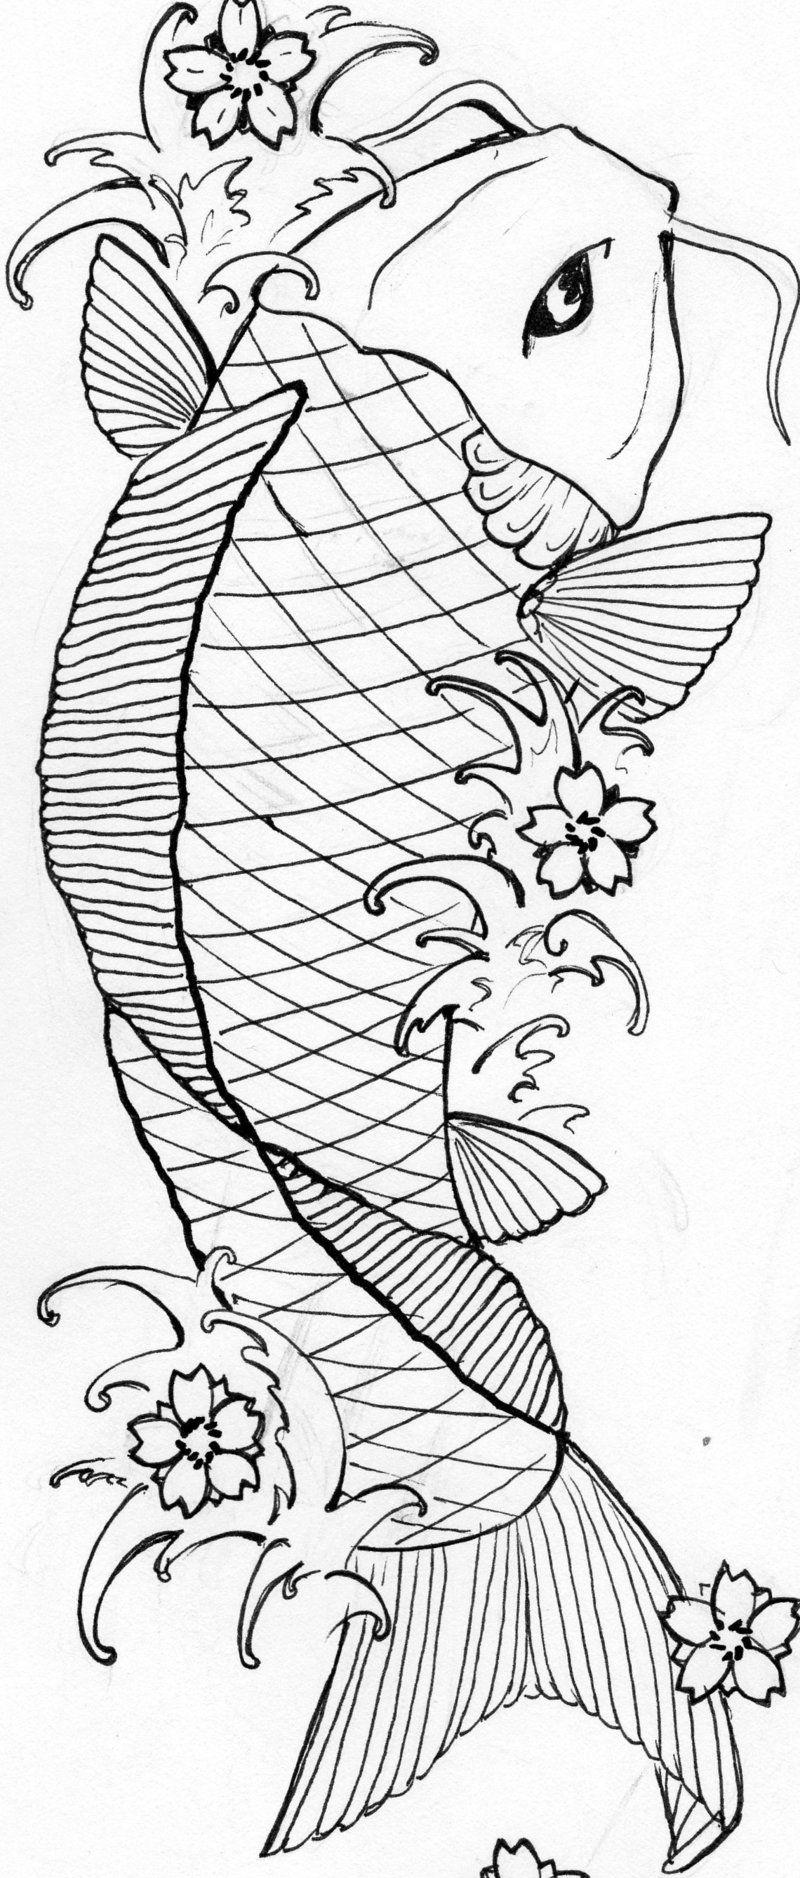 Koi sketch number two by 800 1878 for Mosaik vorlagen zum ausdrucken